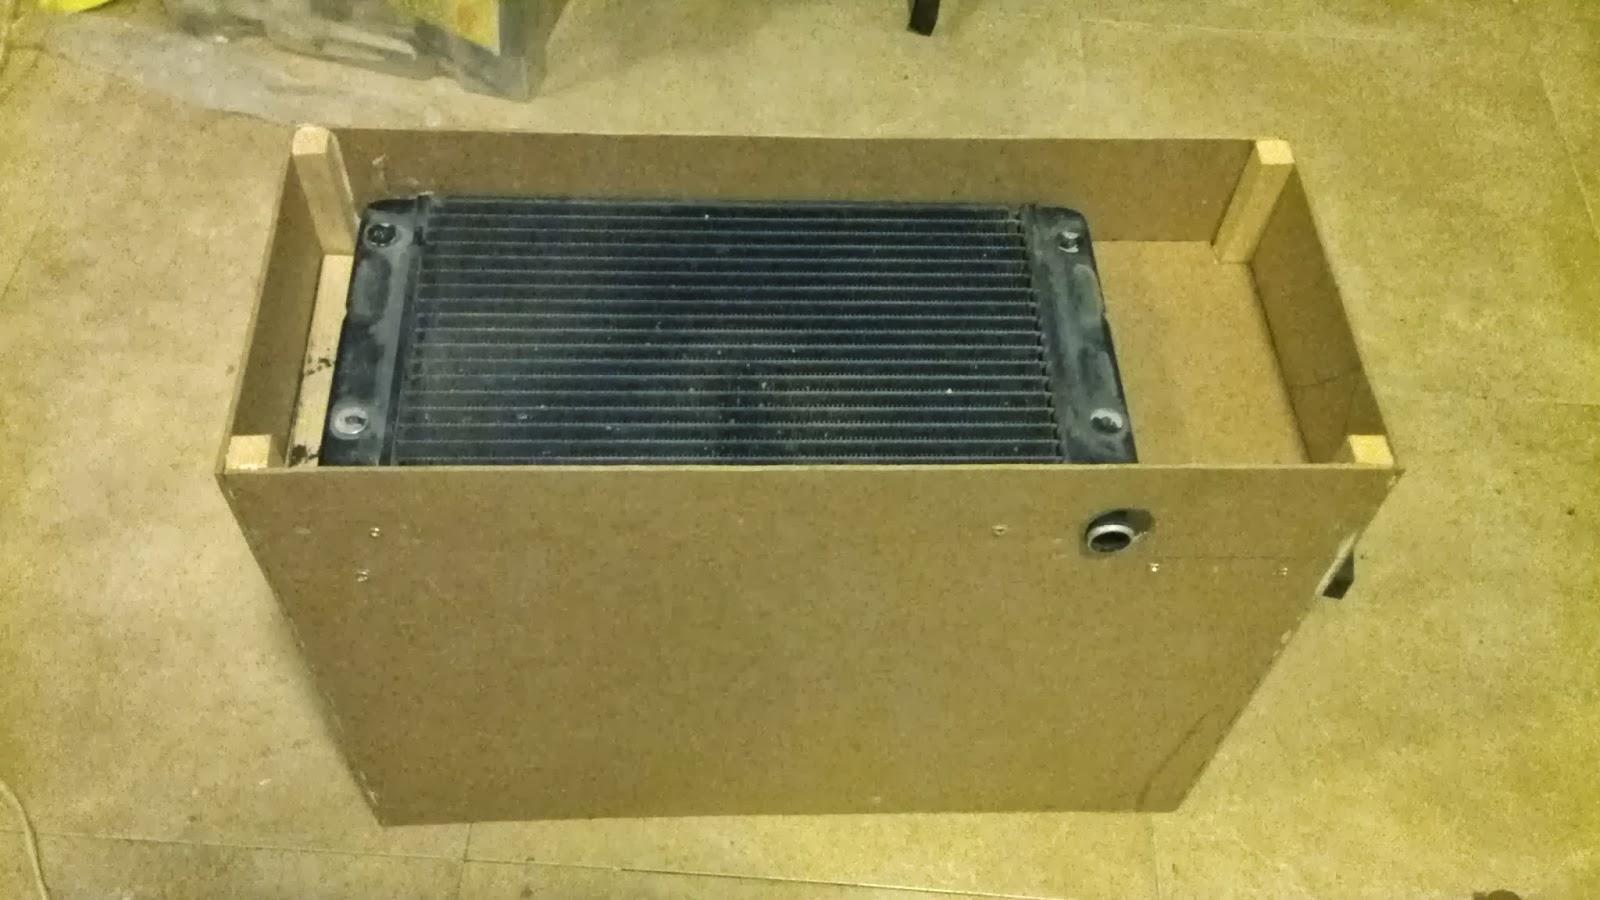 Radiadores de pared para bao simple best los radiadores - Radiadores electricos bajo consumo leroy merlin ...